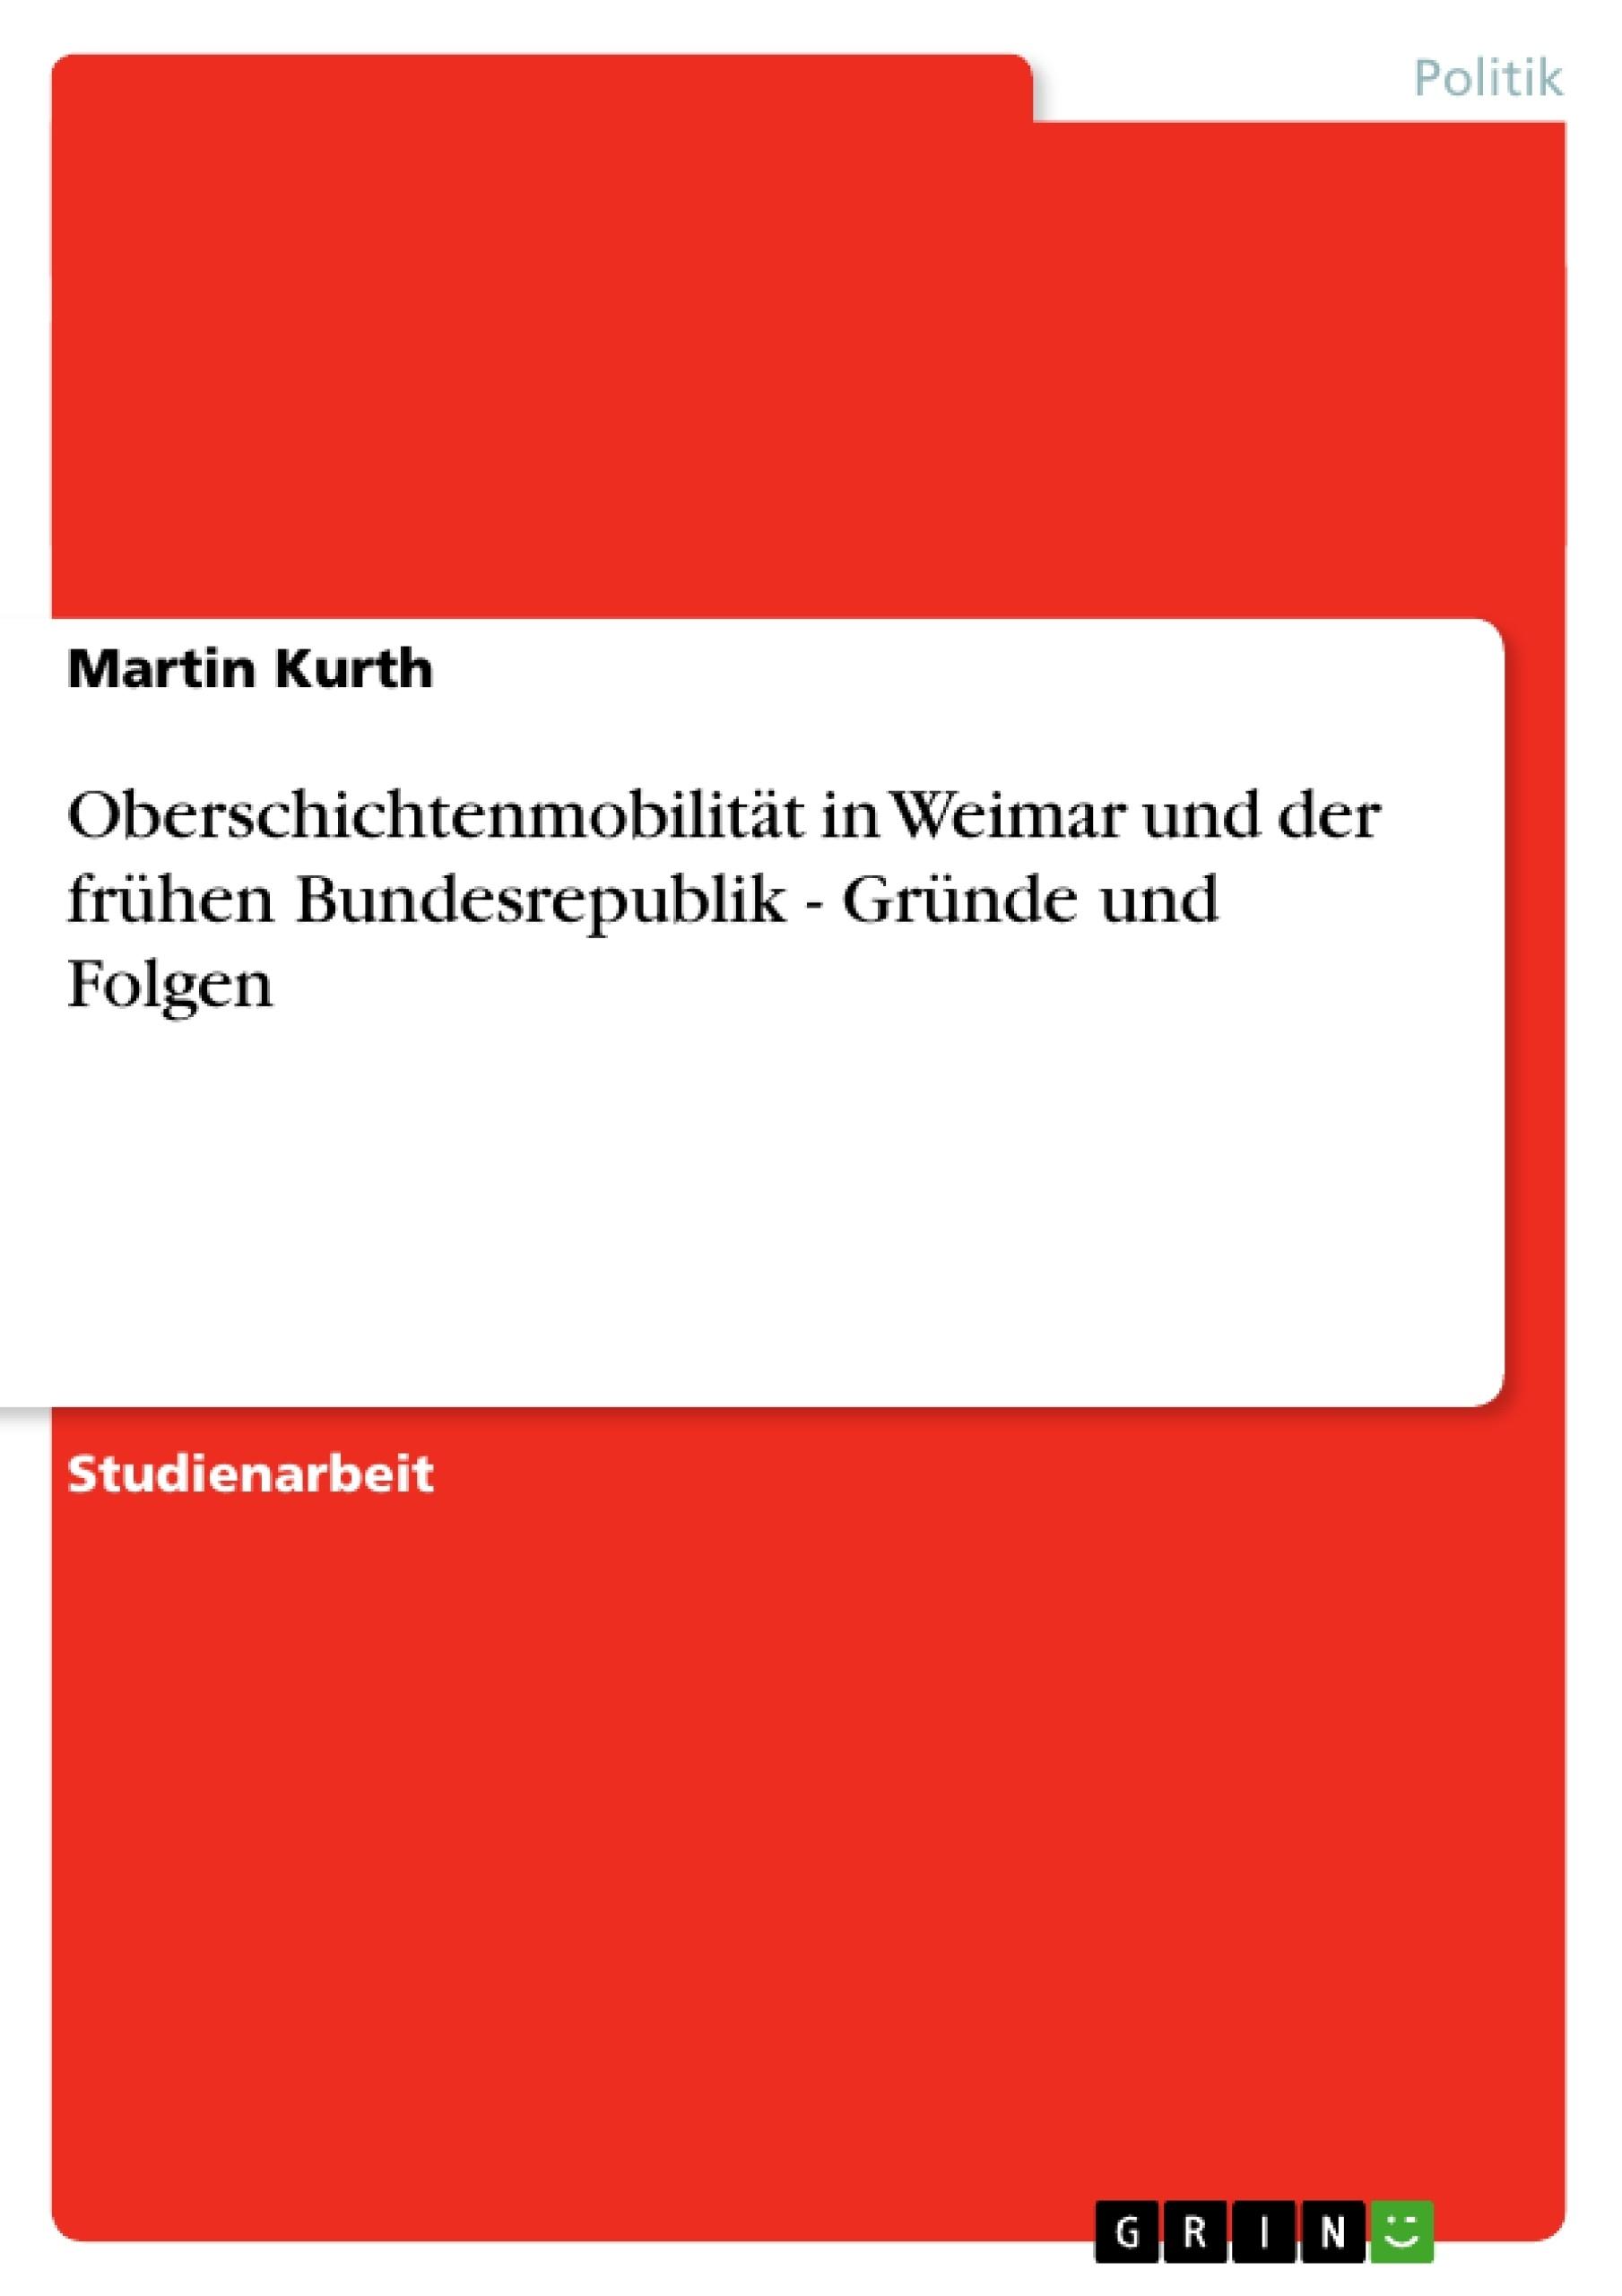 Titel: Oberschichtenmobilität in Weimar und der frühen Bundesrepublik - Gründe und Folgen